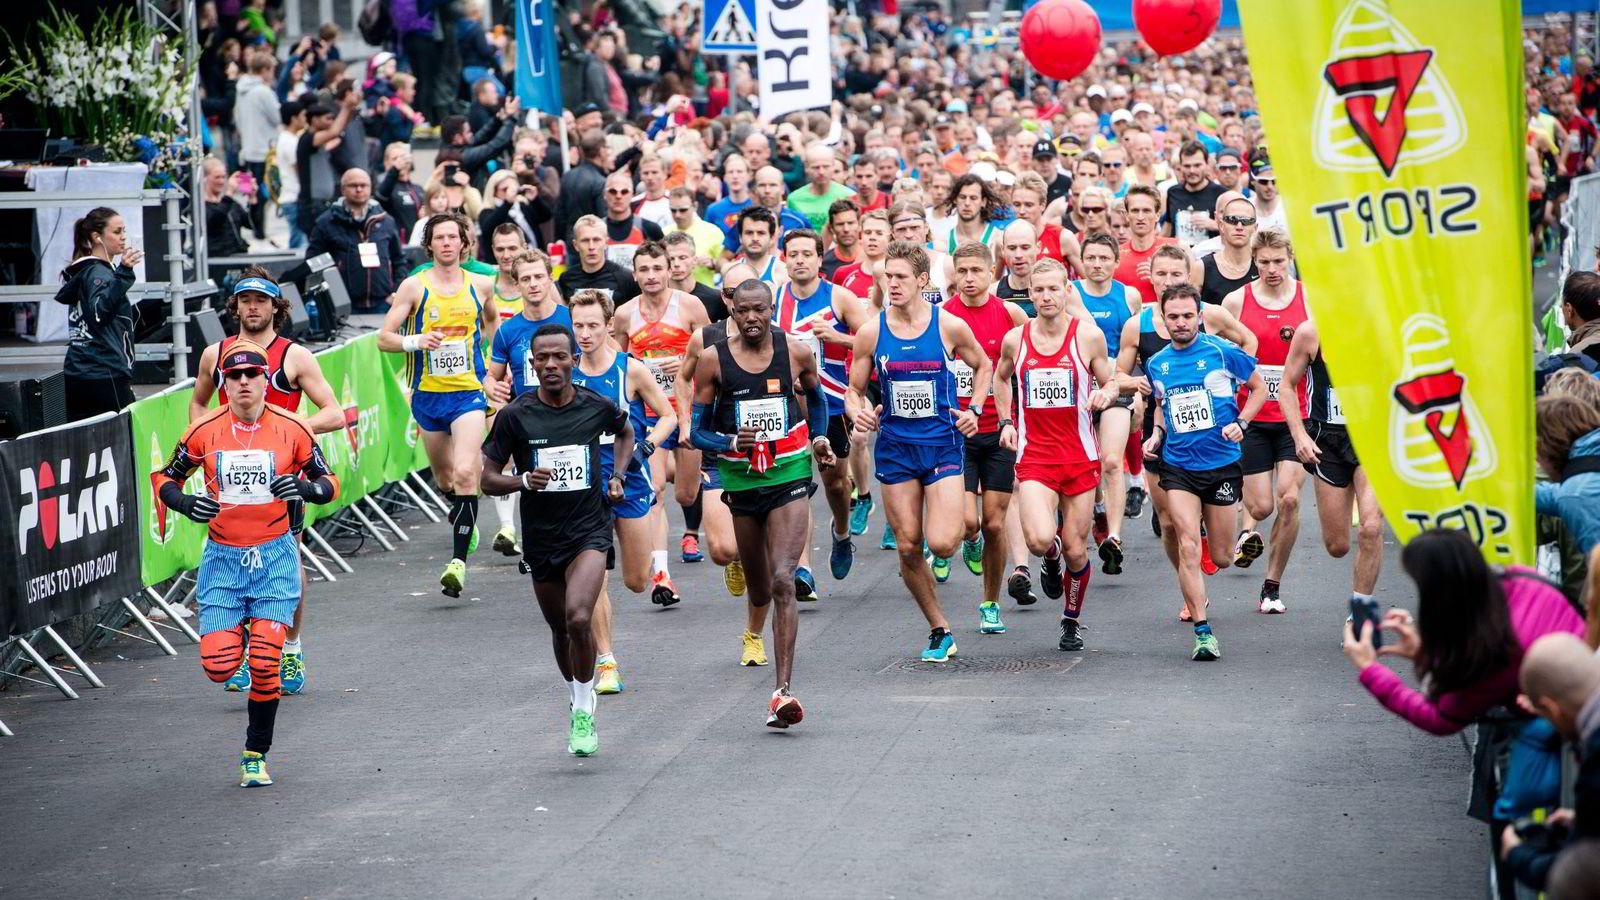 KUN 500 PLASSER IGJEN: Planlegger du å løpe maratondistansen i Oslo Maraton i år må du snart bestemme deg, det er bare 500 plasser igjen.